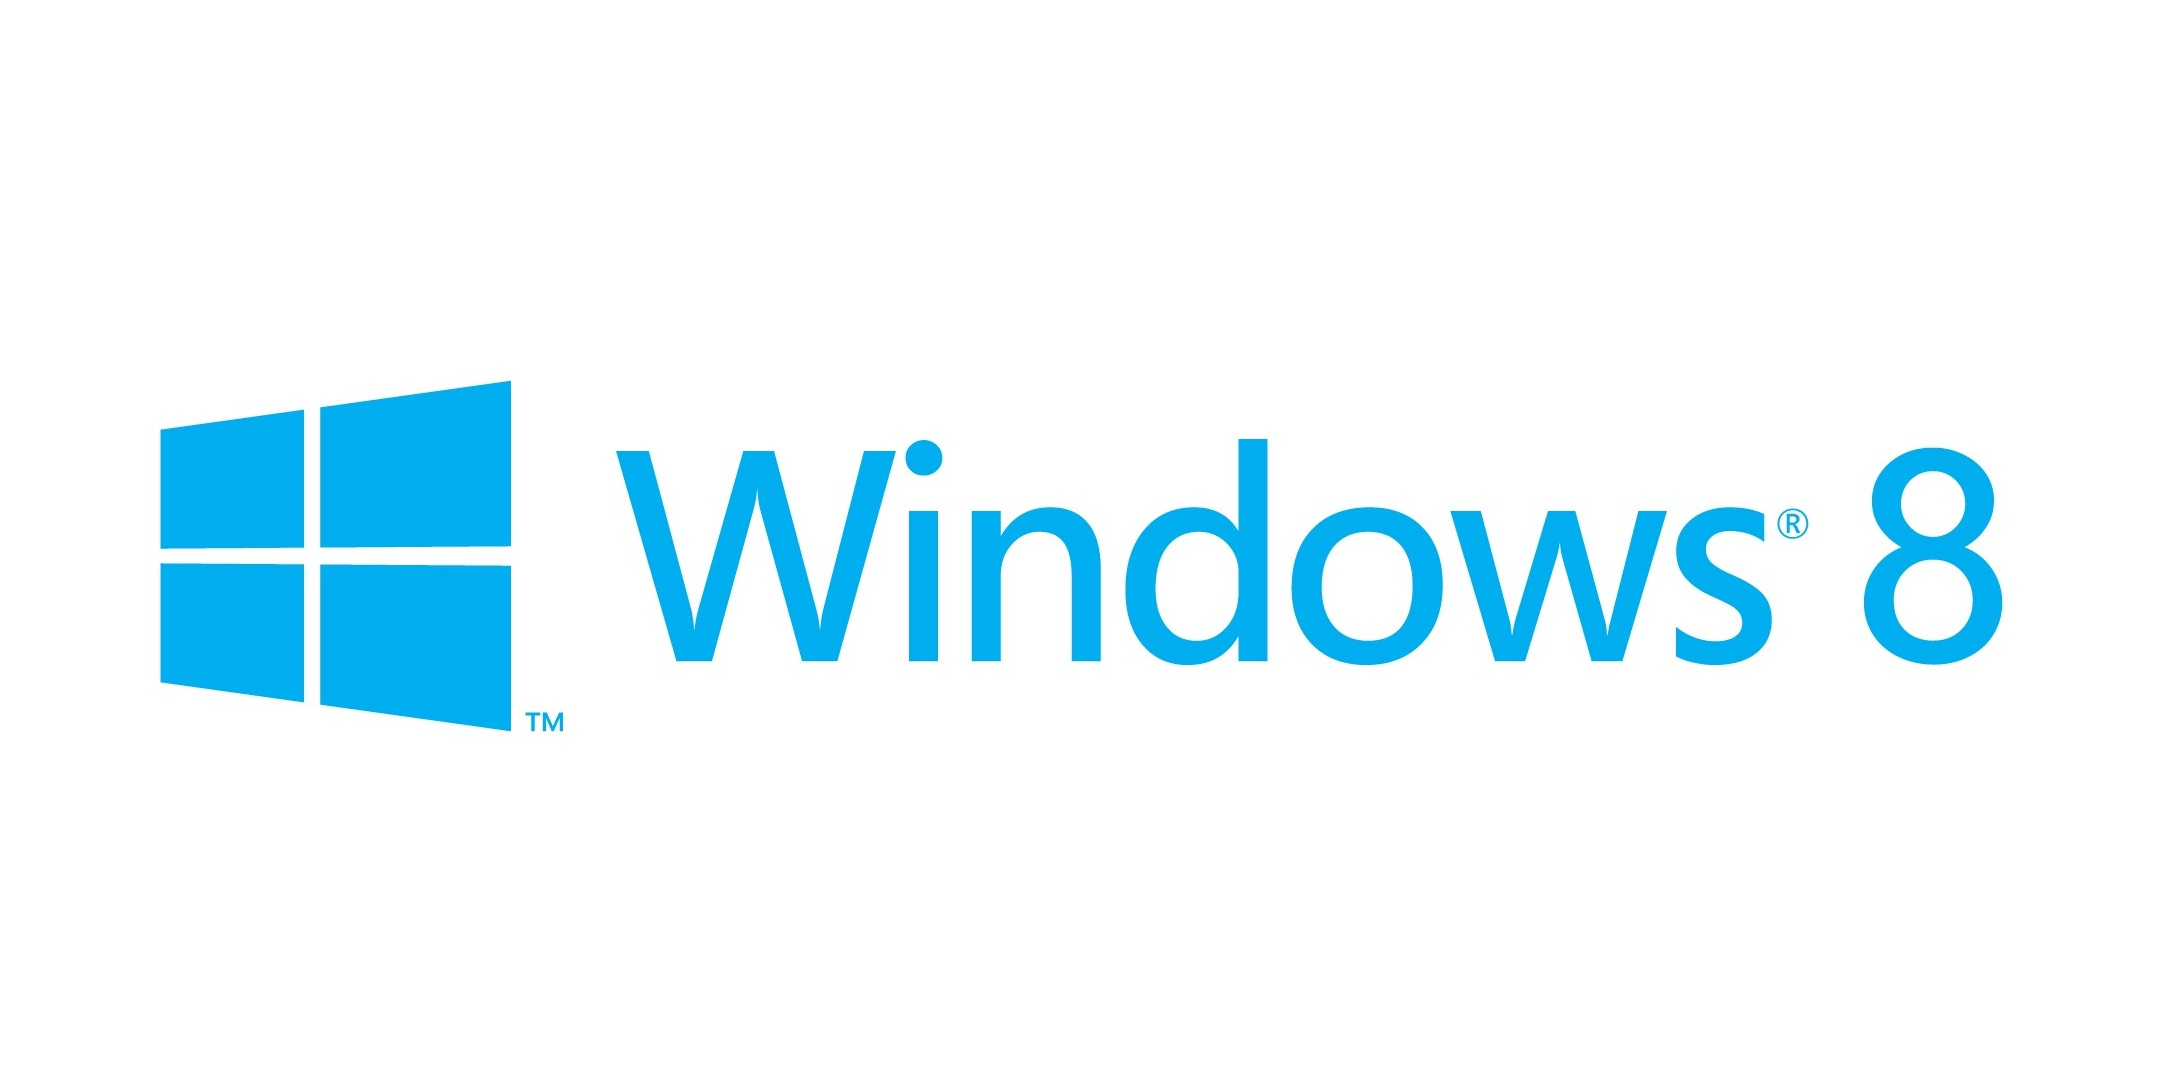 شرح حذف البرامج في ويندوز 8 بالصور